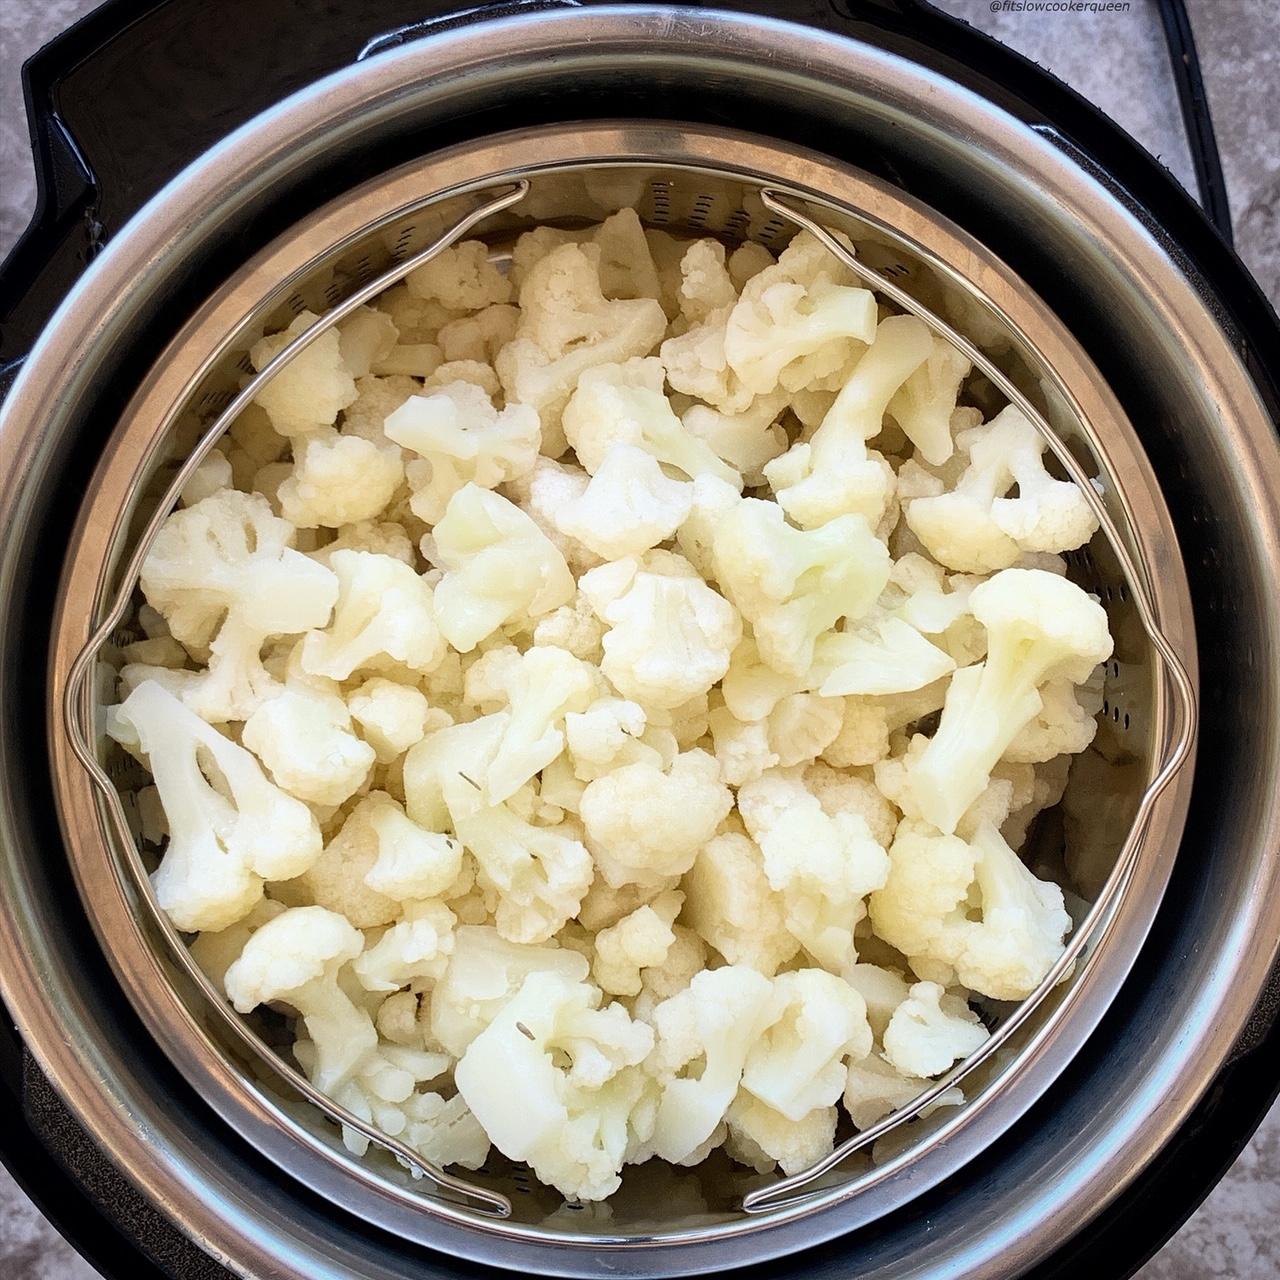 Slow CookerInstant Pot Bangers & Mash (Low-Carb, Paleo, Whole30)